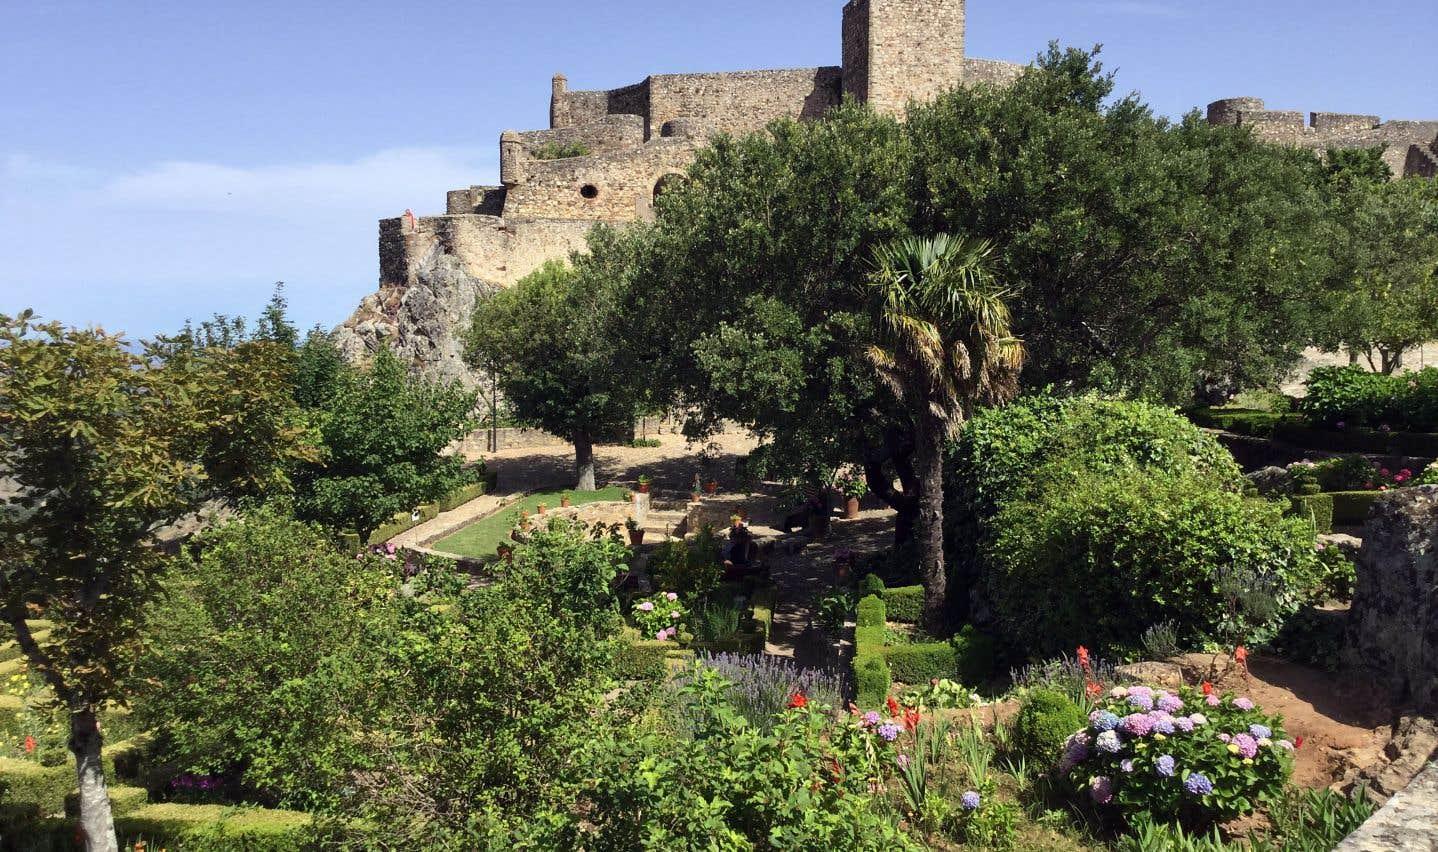 Le village de Marvao et son château sont visibles de loin. La cité médiévale a été construite à même un piton rocheux qui s'élève à 800 mètres d'altitude.